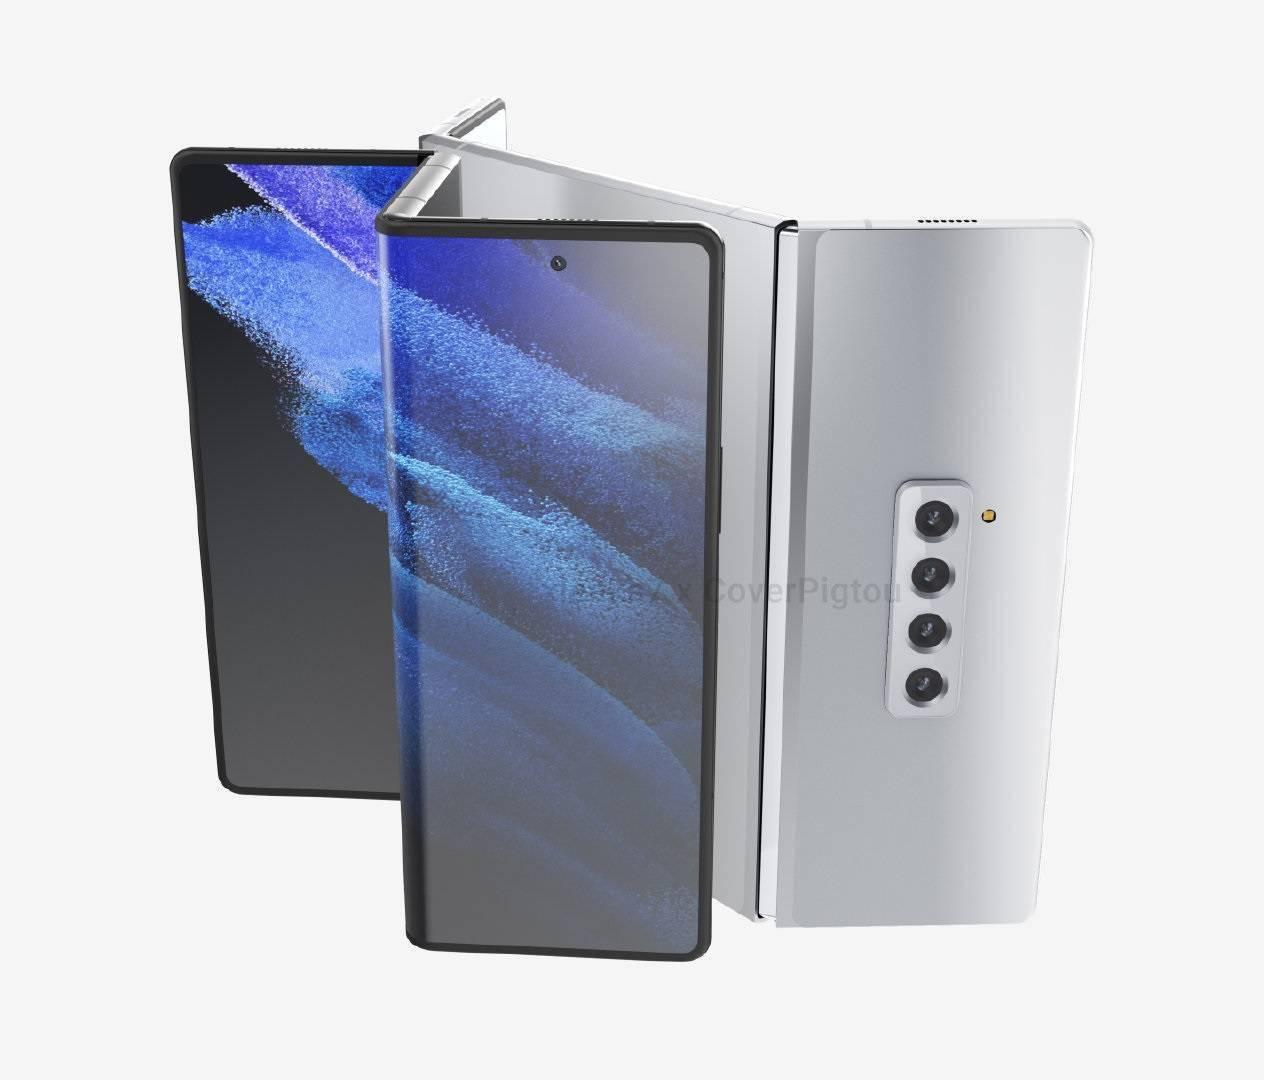 三星 Galaxy Z Fold 3 正在开发固件,将搭载骁龙888处理器及OneUI 3.5